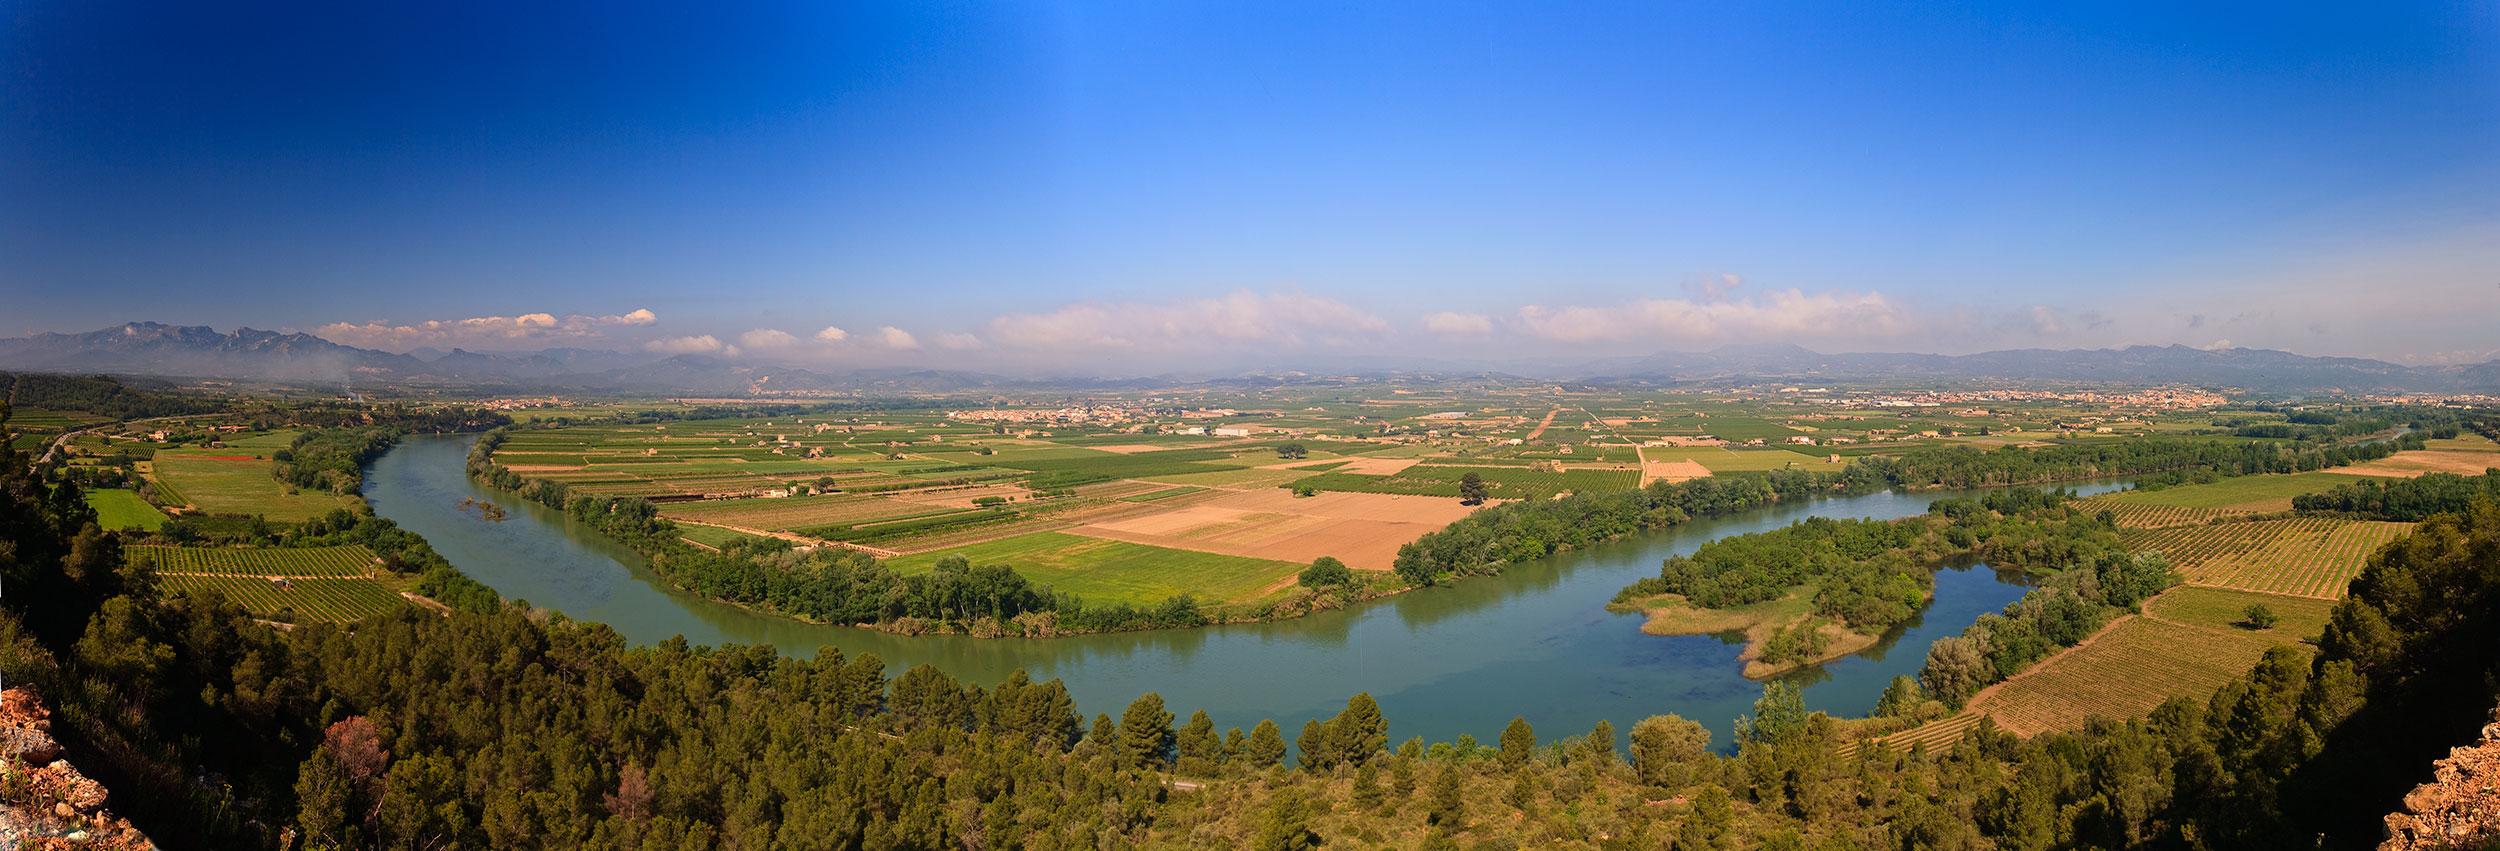 Les Illes de la rivière de l'Ebre - ©Patronat de Turisme de la Diputació de Tarragona-Terres de l'Ebre